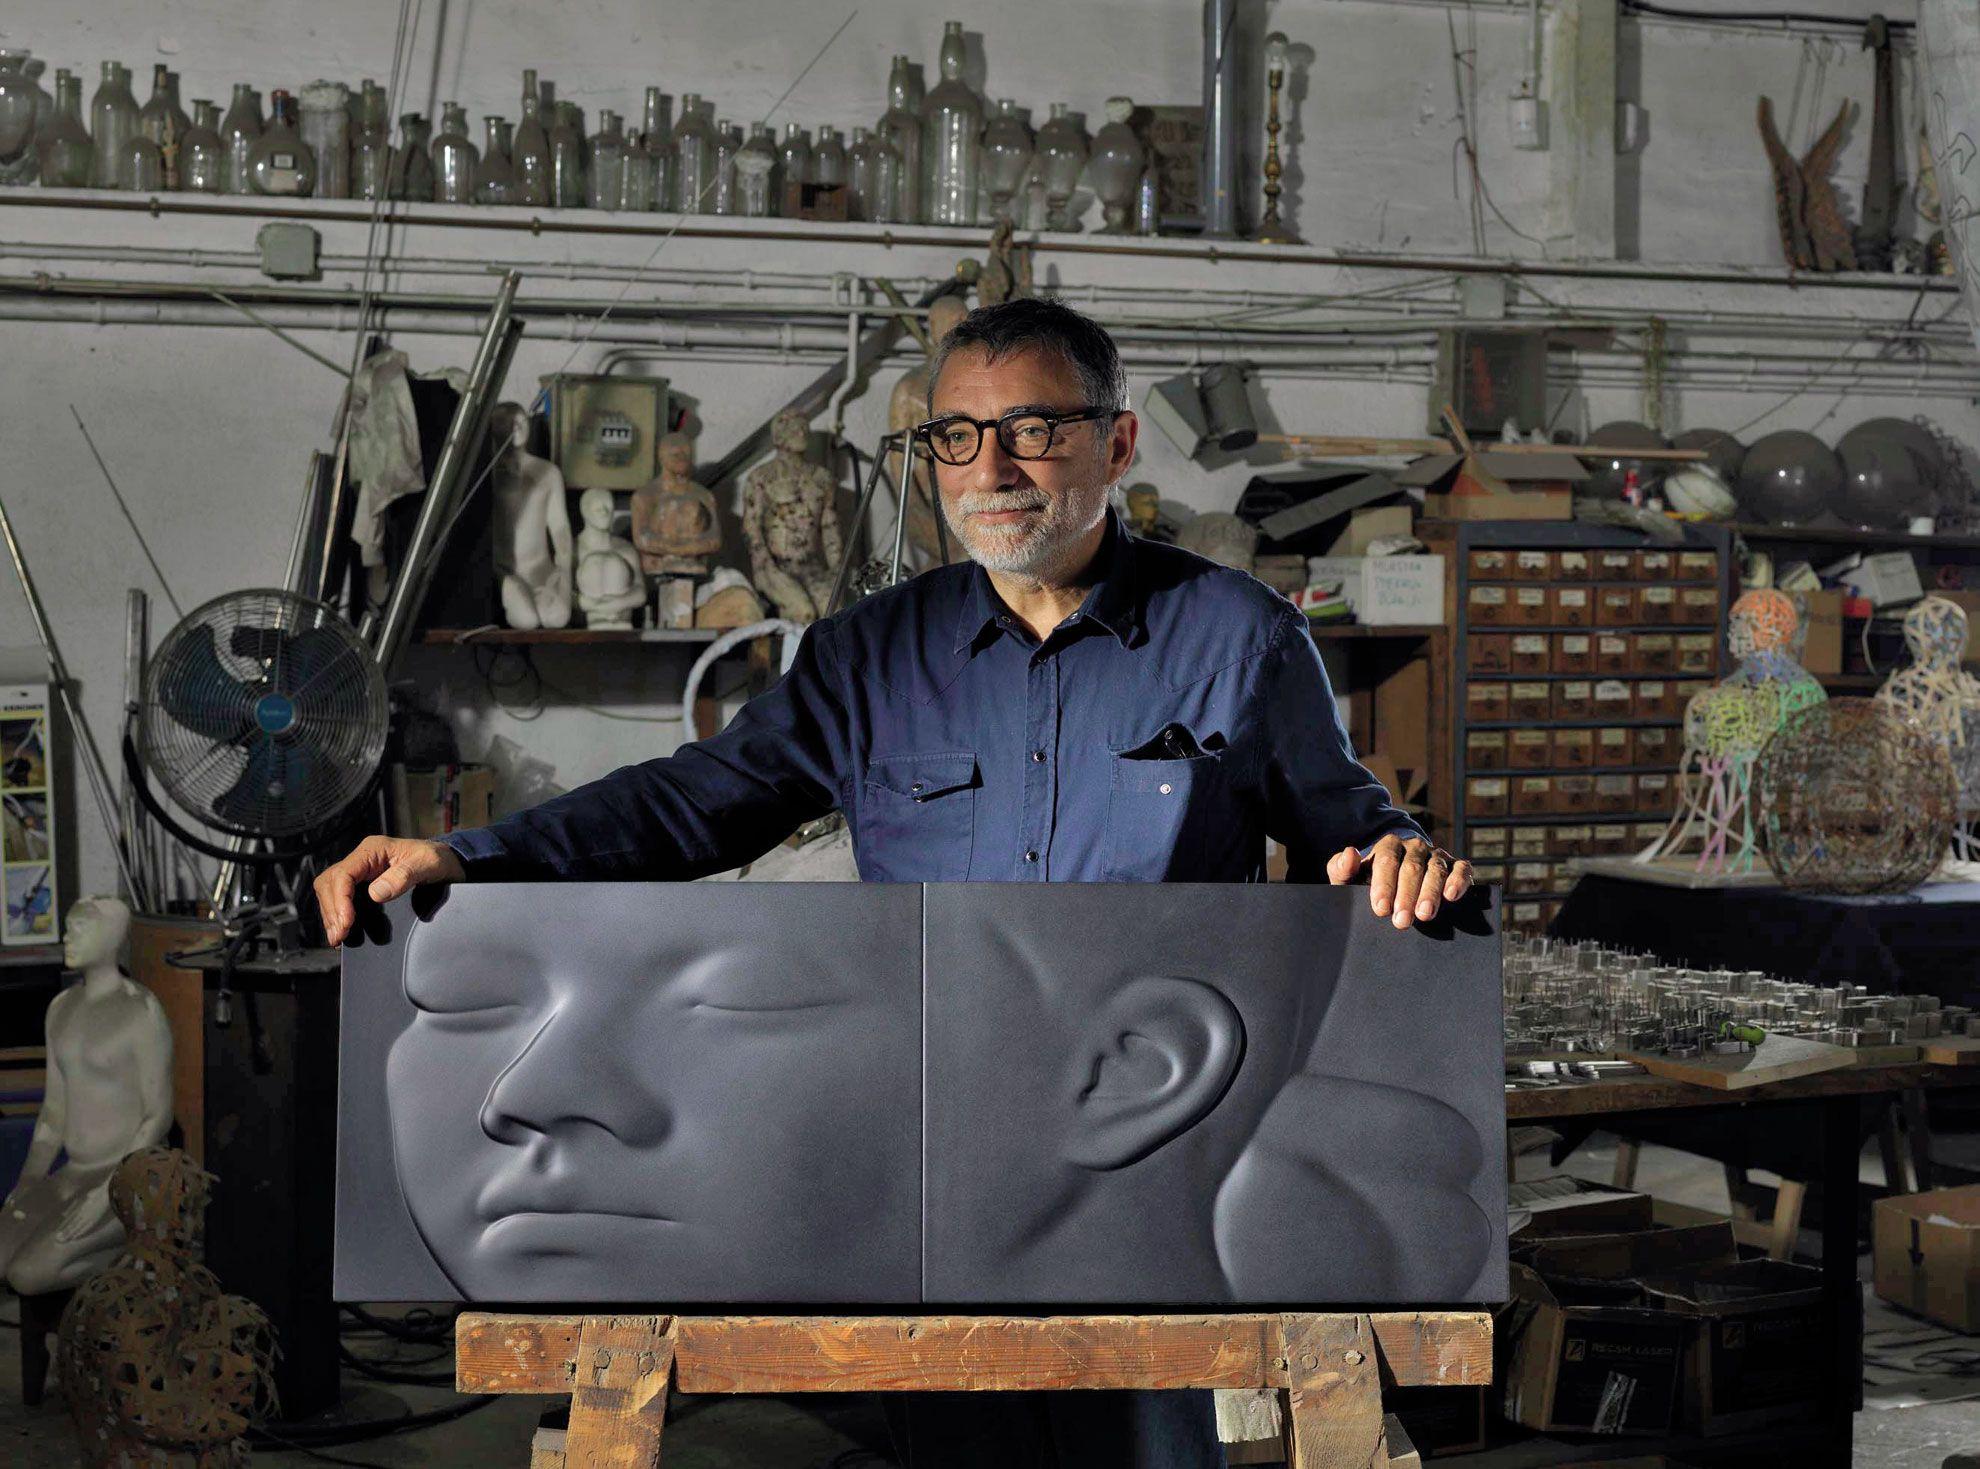 ARTIKA presenta 61, un libro de artista que abre las puertas al proceso de creación de Jaume Plensa